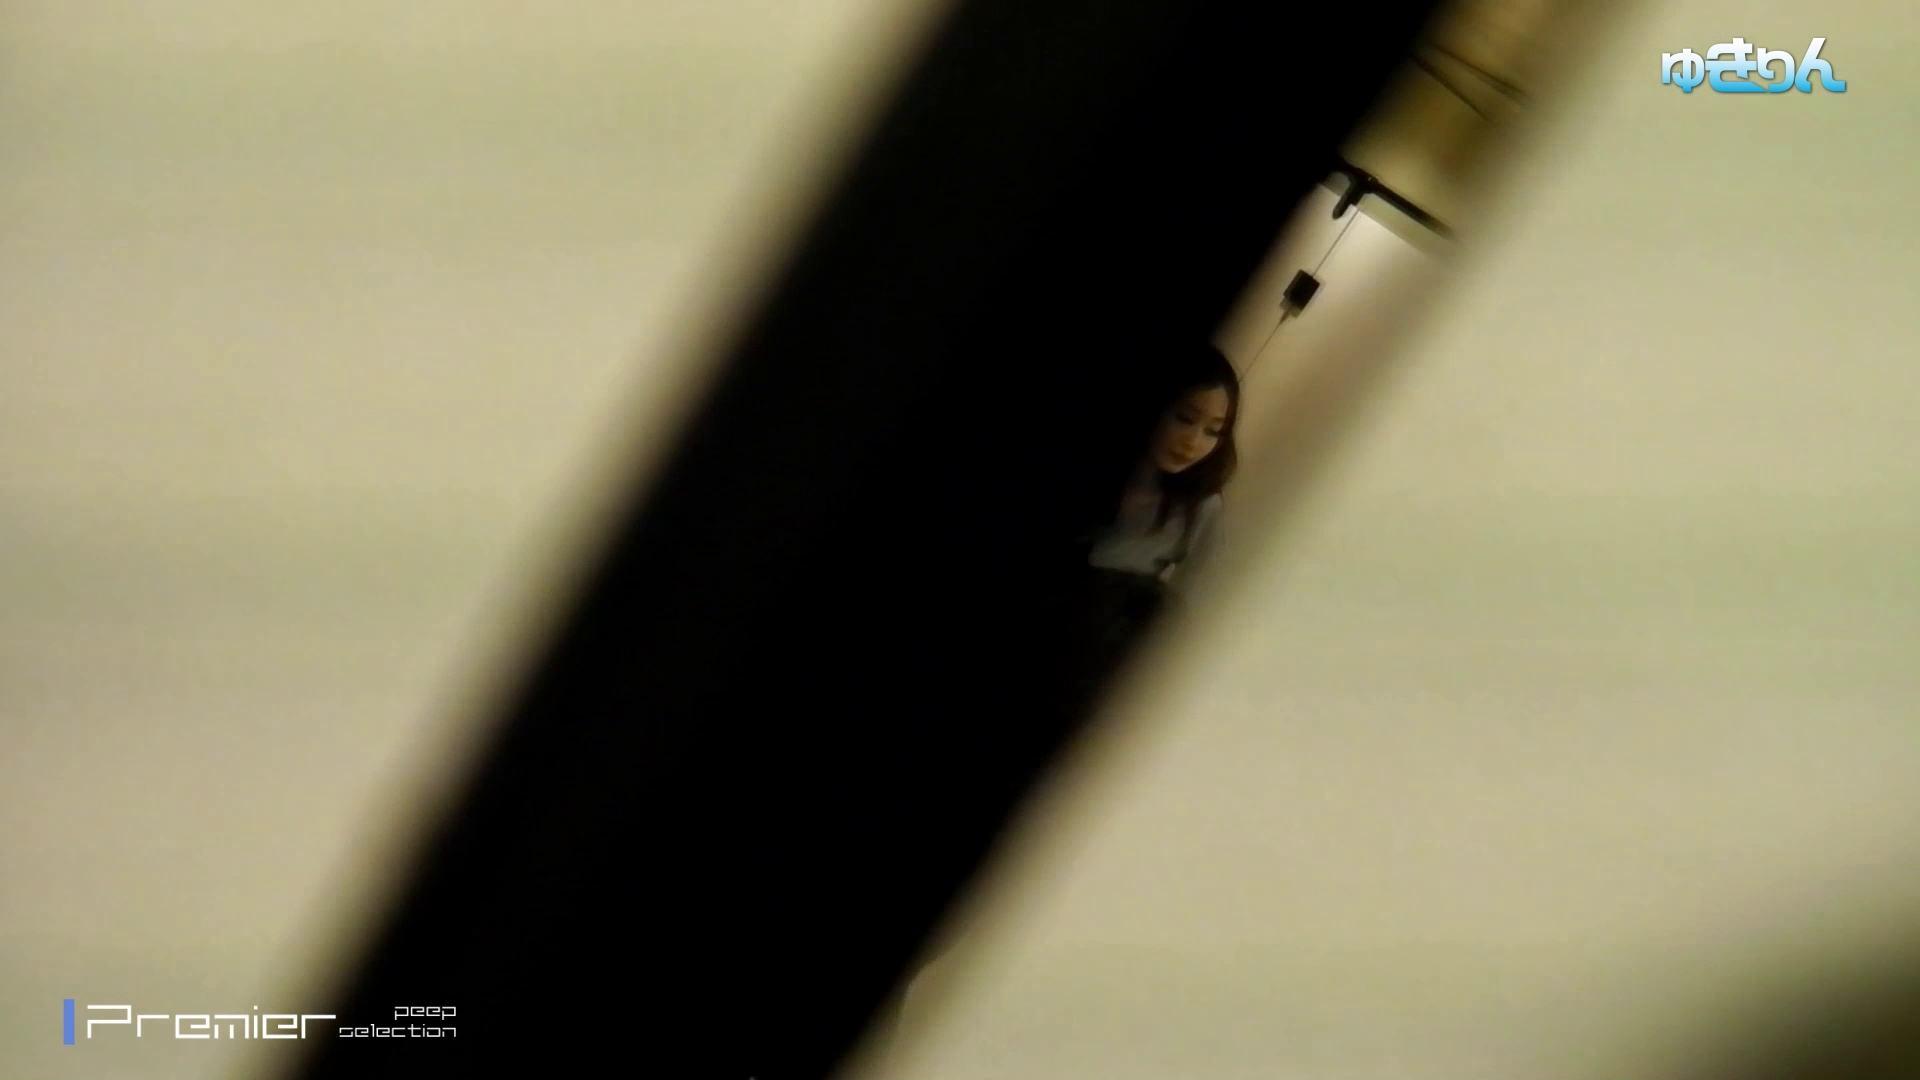 新世界の射窓 No89 あの有名のショーに出ているモデルが偶然に利用するという 洗面所 | 0  113画像 47